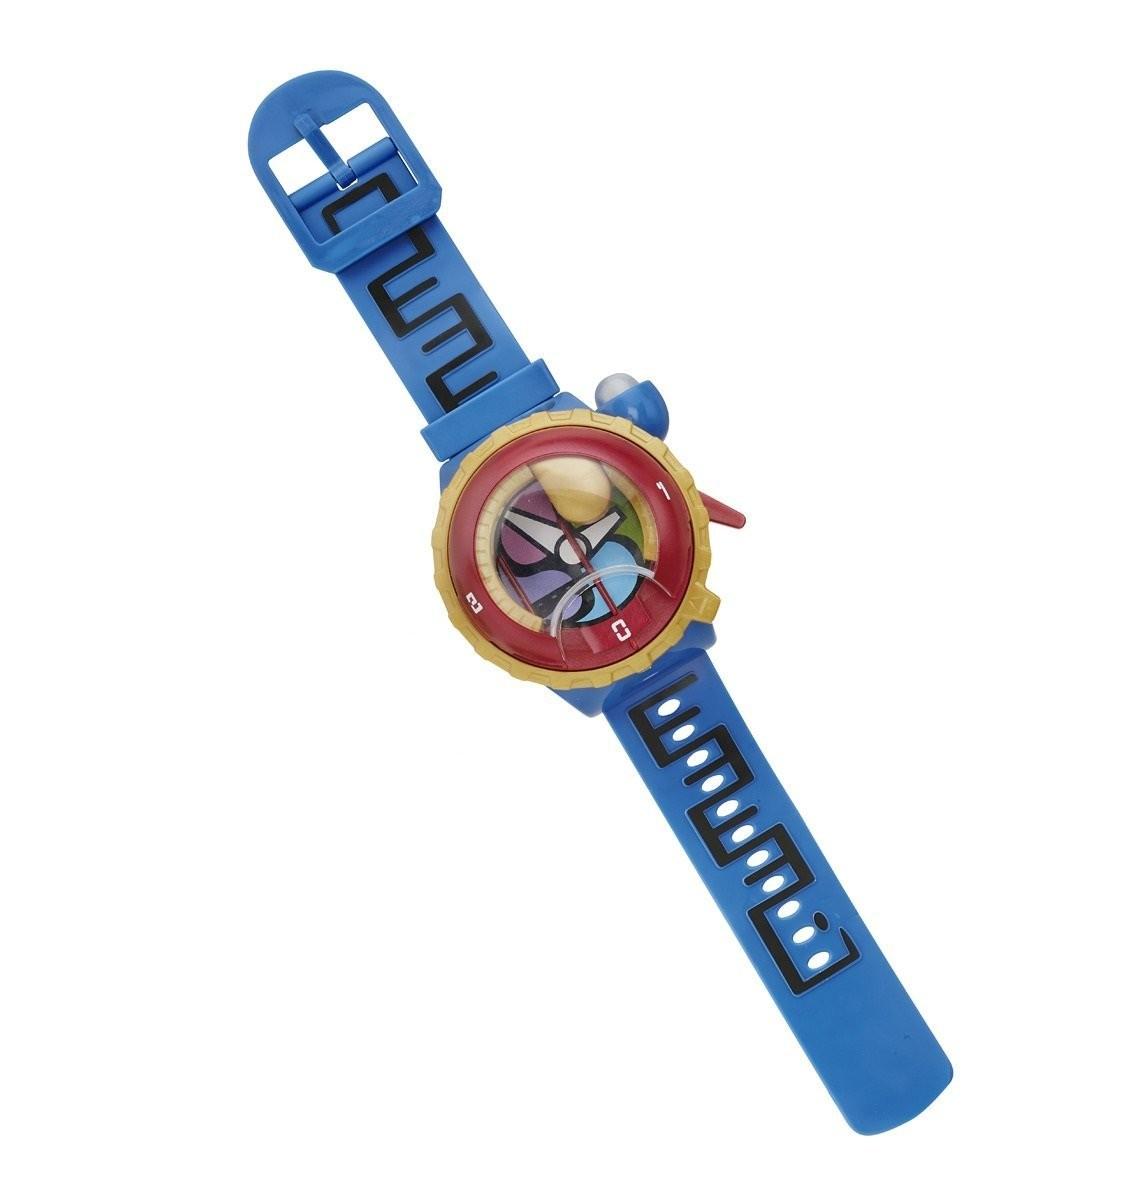 Oficial Mejor Dónde Más Barato El Comprar Watch Precio Al Yokai Y 8nP0kwO